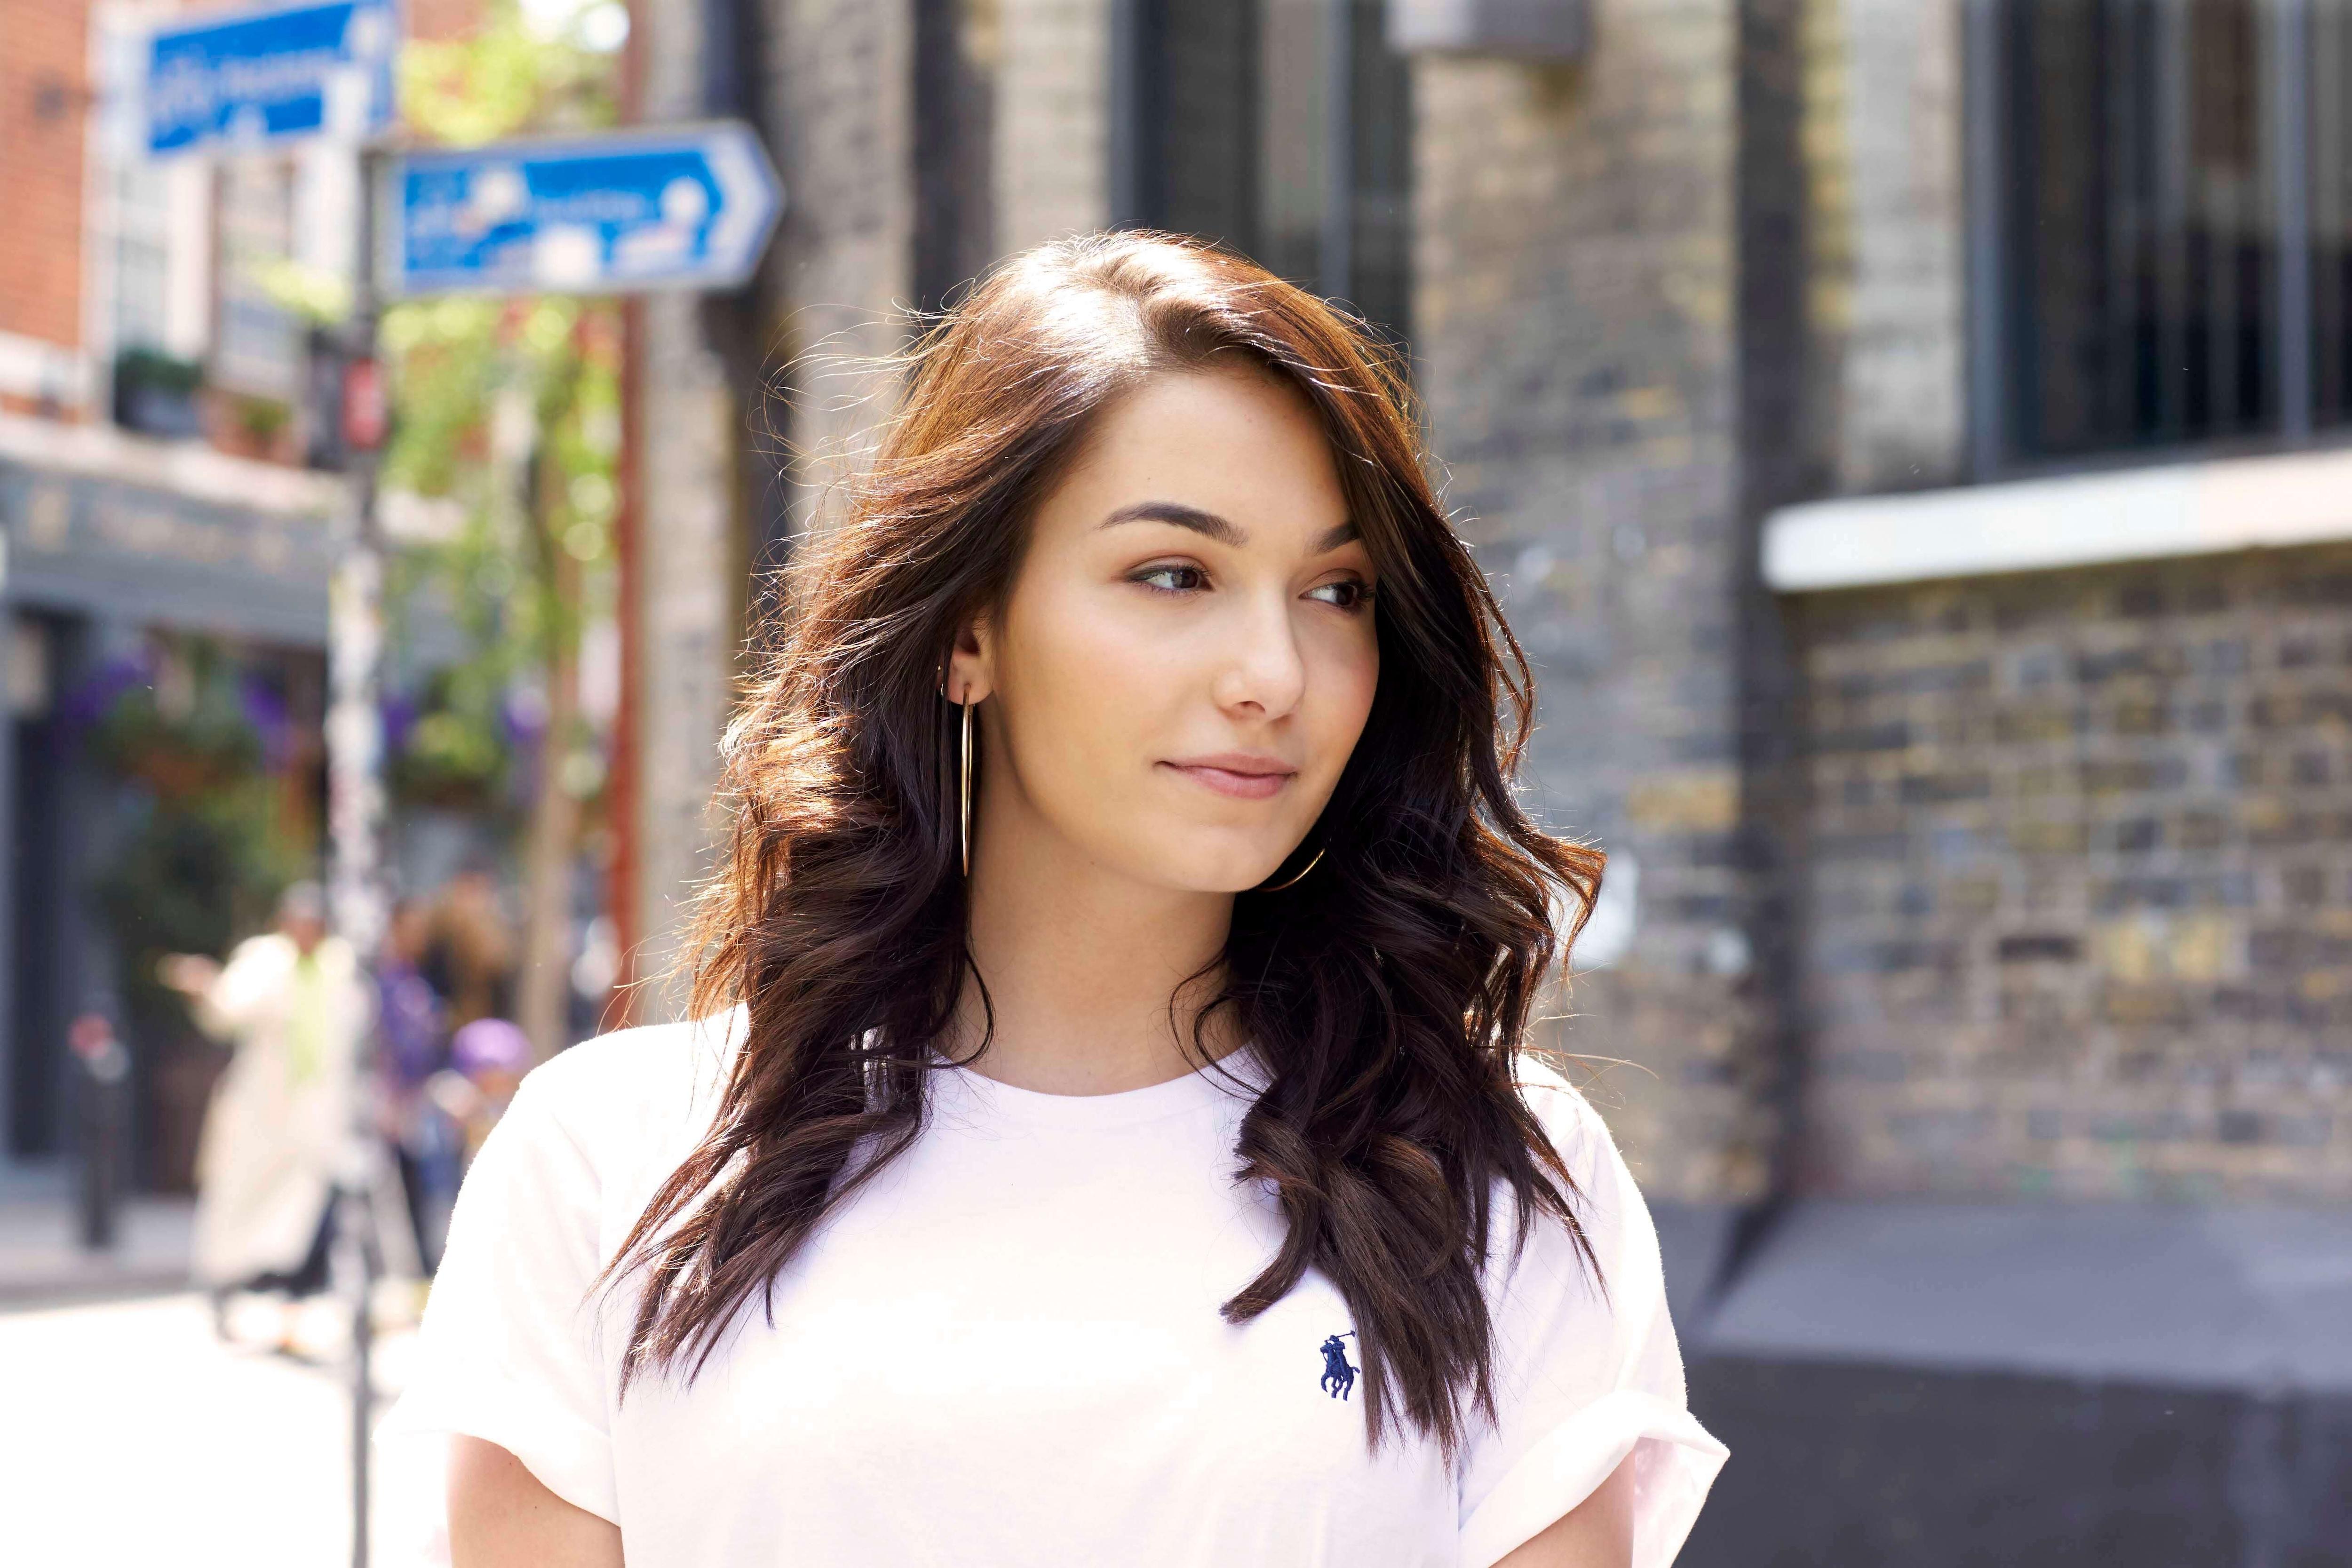 medium brown hair styles curls - image - all things hair